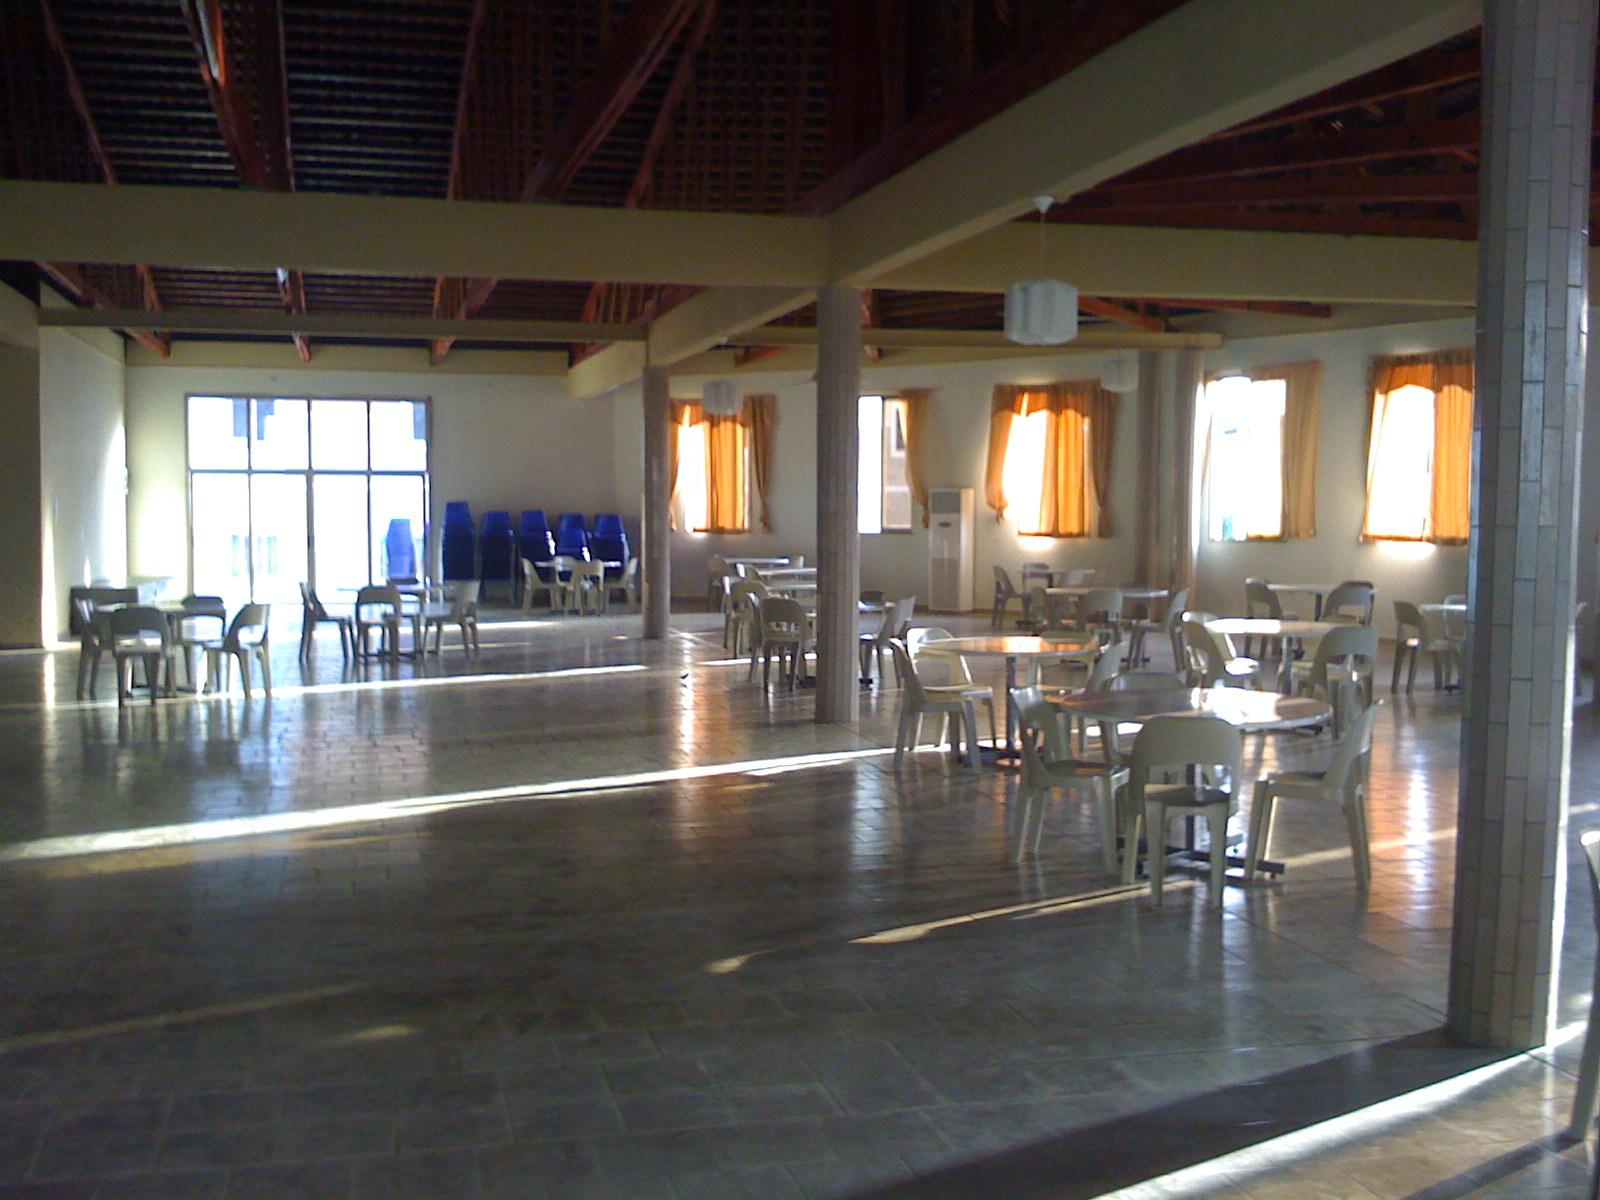 Computers in schools in Gabon /static/Gabon/IMG_0632.JPG